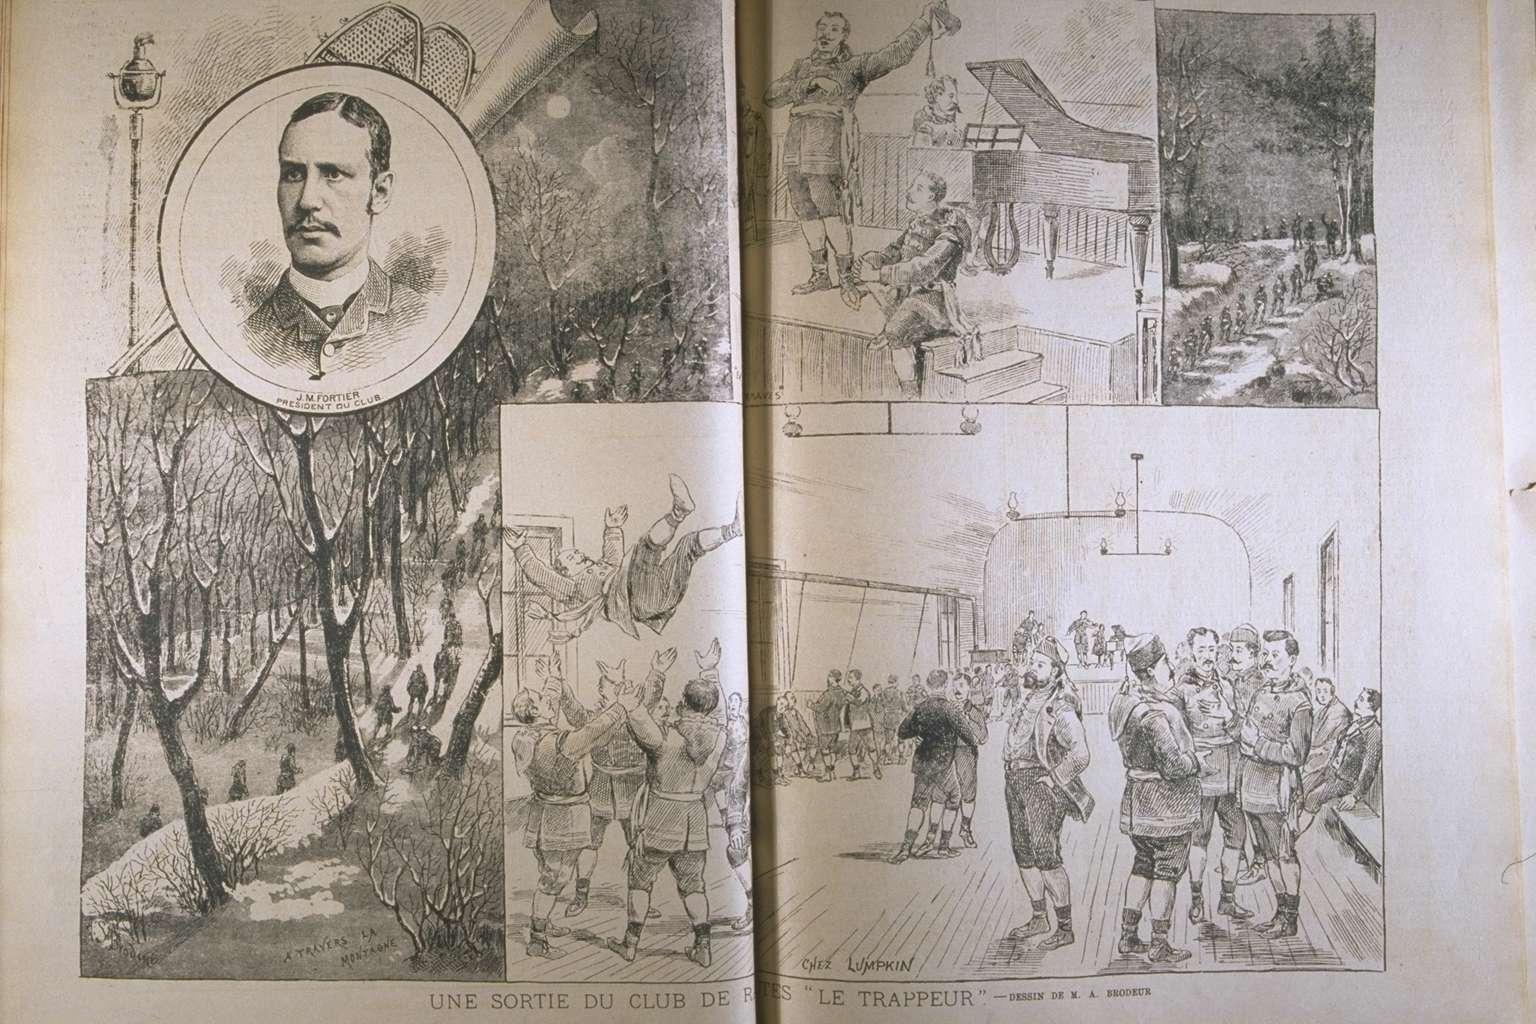 Une sortie du Club de raquettes Le Trappeur en 1886.